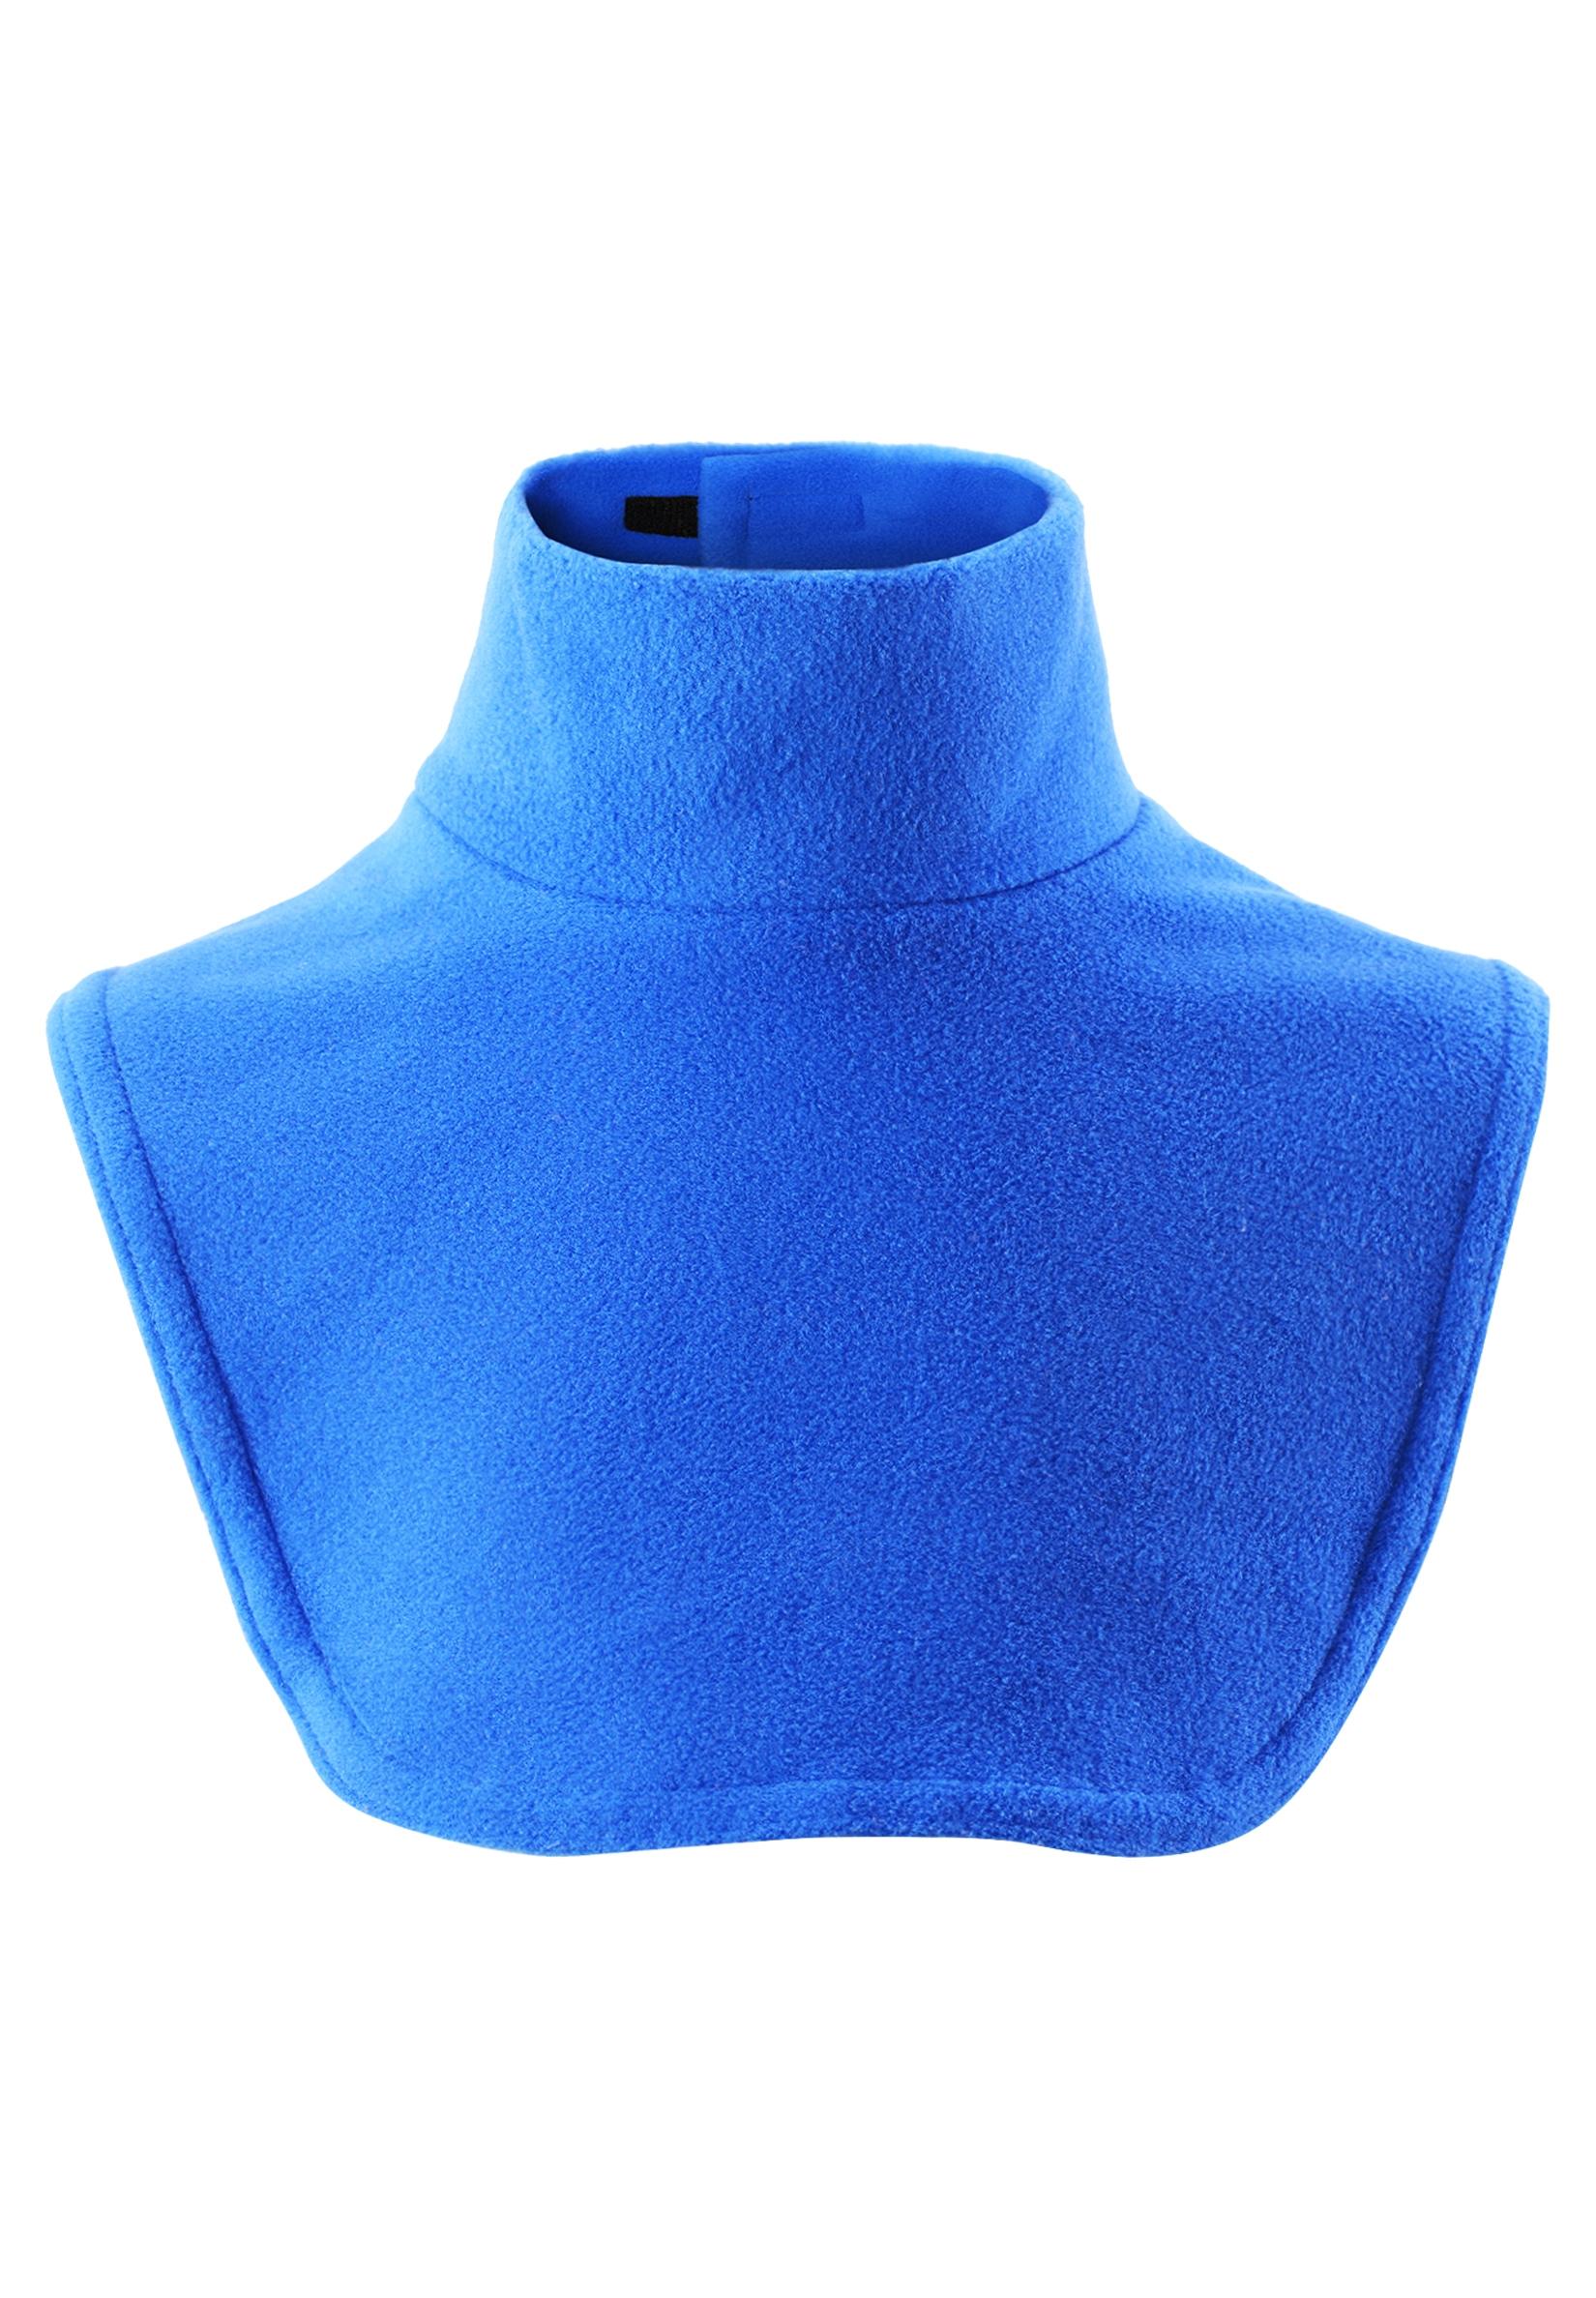 Шарфы Lassie Шарф-хомут для мальчика Lassie, голубой jajalin быстросохнущий бесшовный шарф